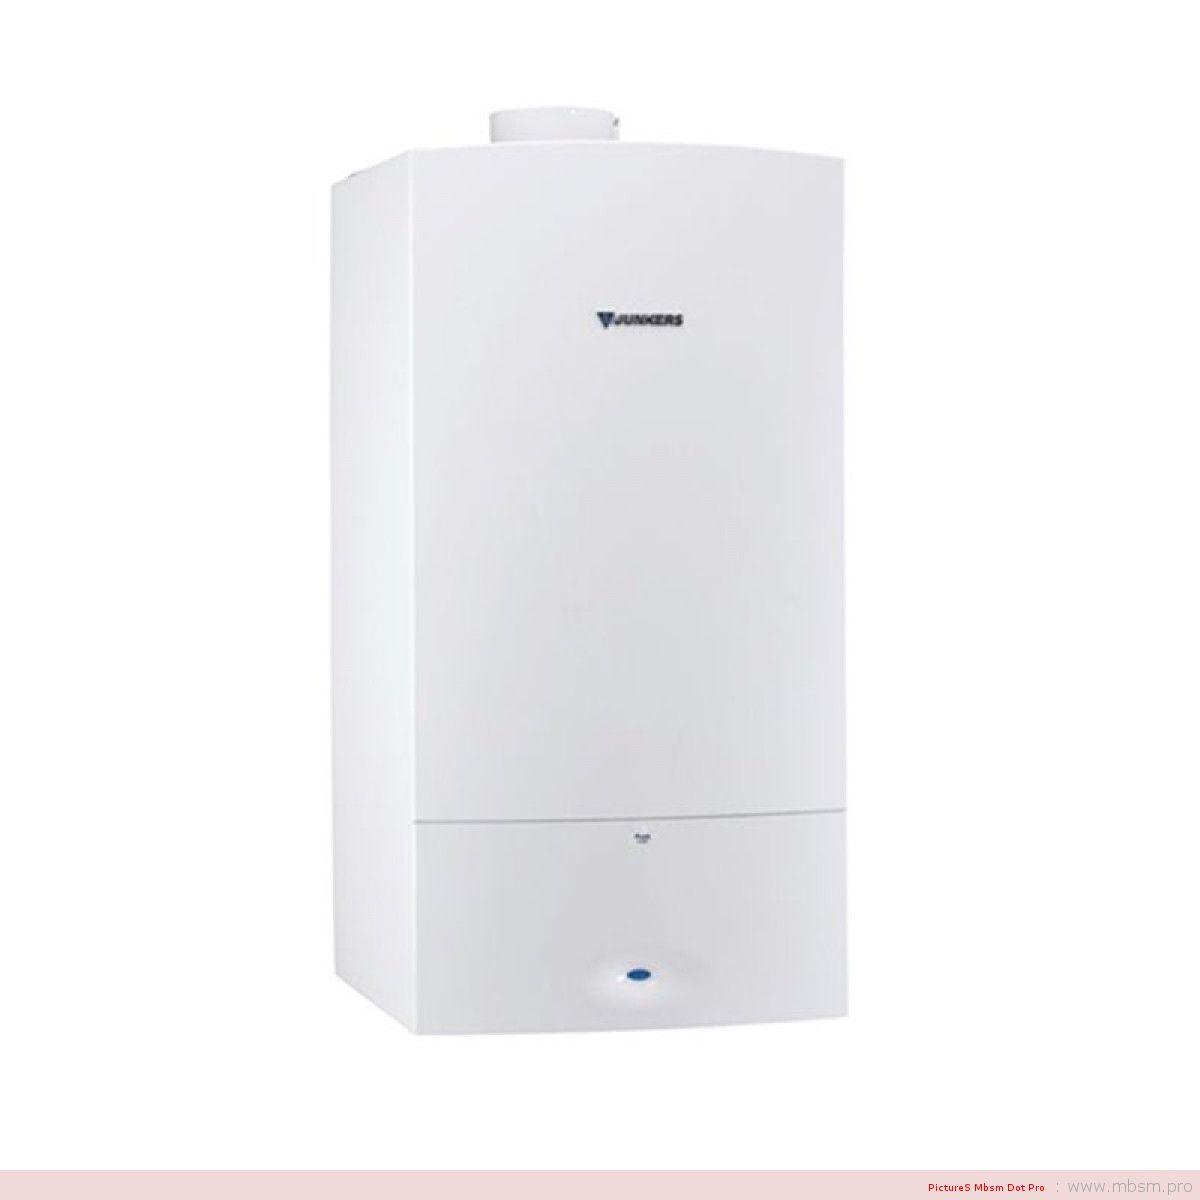 mbsm-dot-pro-junkers-chaudire-murale--condensation-cerapur-comfort-top-423-zwbr-puissance-40-kw--mbsm-dot-pro